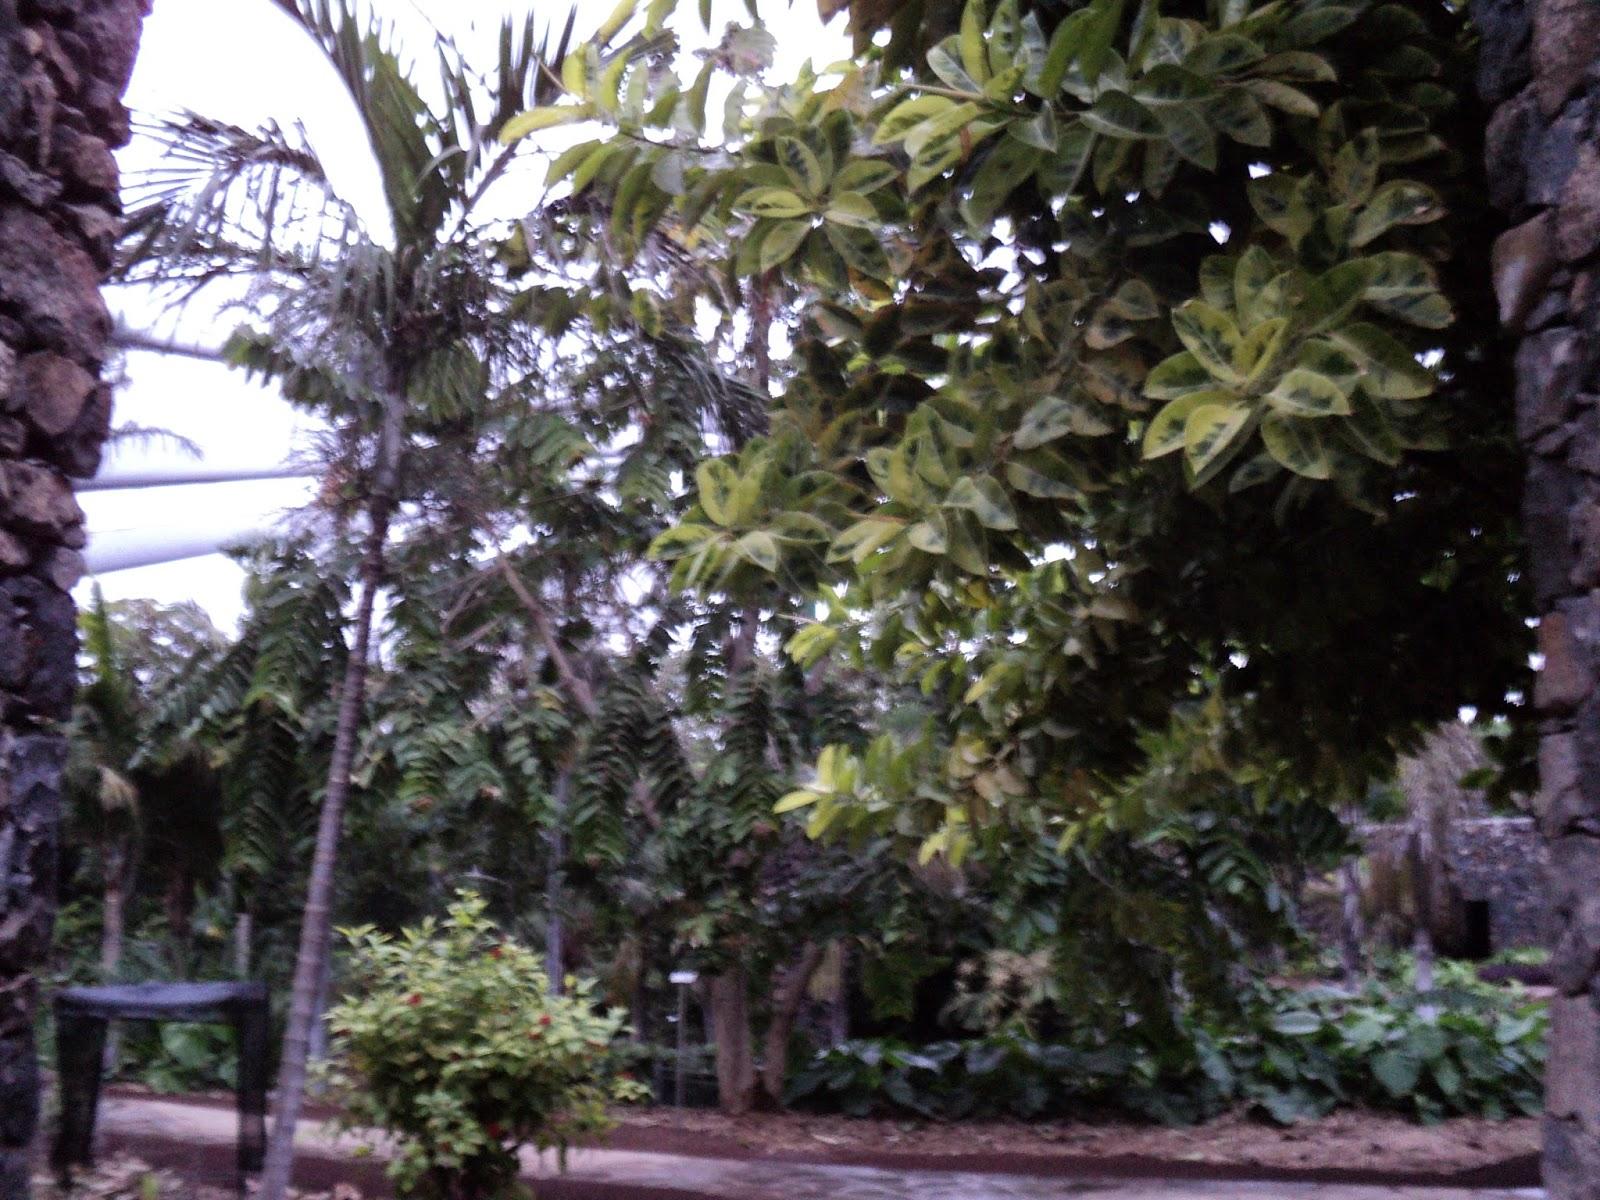 Playa paraiso 2014